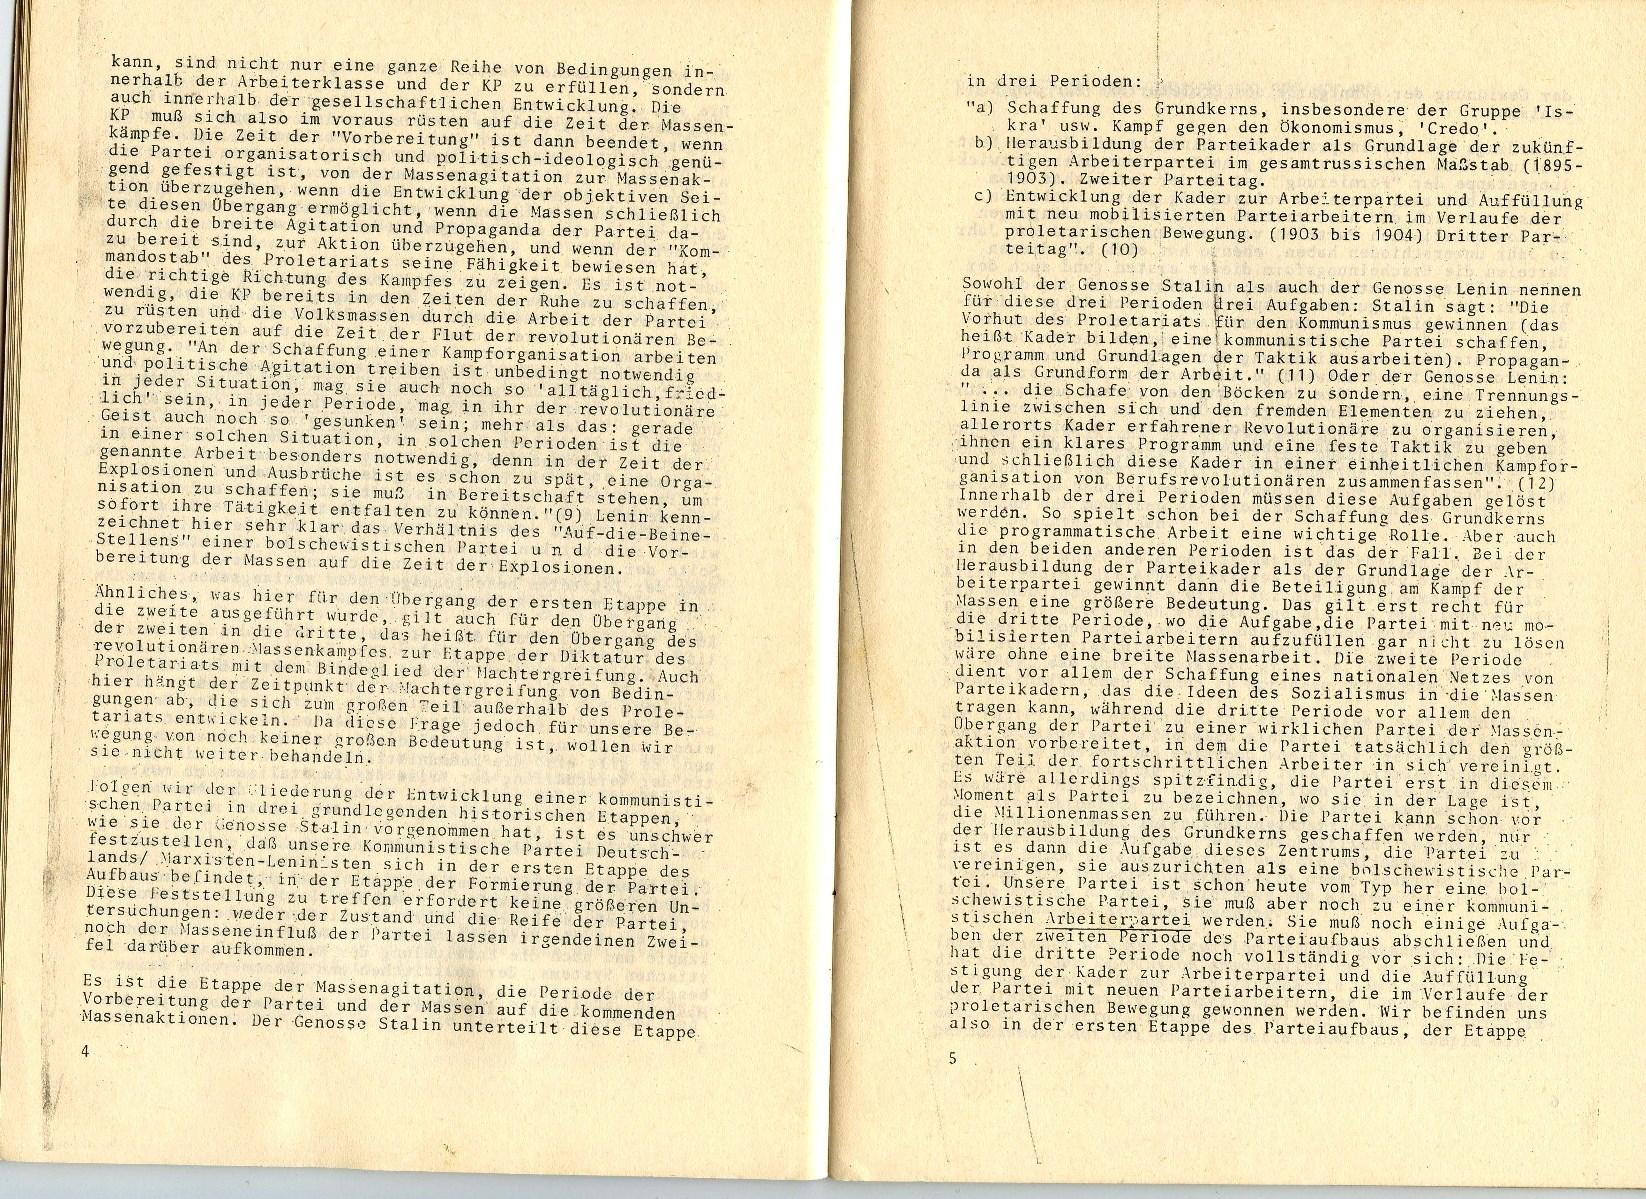 ZB_Etappen_Parteiaufbau_1971_09